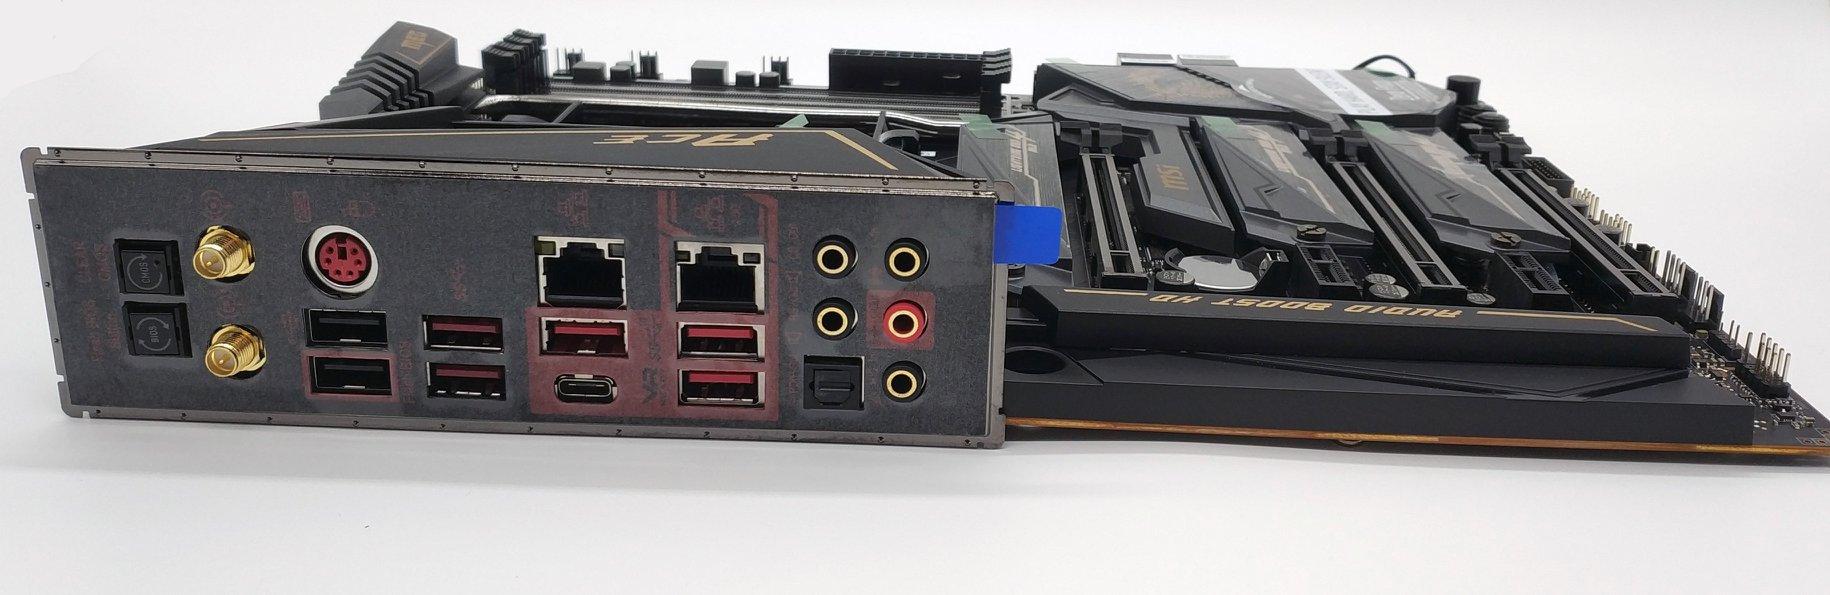 Das rückseitige I/O mit integrierter Blende umfasst von links nach rechts:  ClearCMOS - Schnelles Zurücksetzen der BIOS-Einstellungen Flashback - BIOS Update per USB Stick, benötigt keine CPU und funktioniert auch bei korruptem BIOS  Anschlüsse für die WLAN-Antenne PS/2 Kombo - Anschluss für ältere Mäuse/Tastaturen, manche Extreme-Übertakter schwören noch darauf 2x USB 2.0 Ports  2x USB 3.2 Gen1 Ports  Intel I211AT Gigabit LAN USB 3.2 Gen2 Type A Port USB 3.2 Gen2 Type C Port  Realtek8125-CG 2.5G LAN 2x USB 3.2 Gen2 Ports  Audio Anschlüsse betrieben von einem Realtek ALC1220